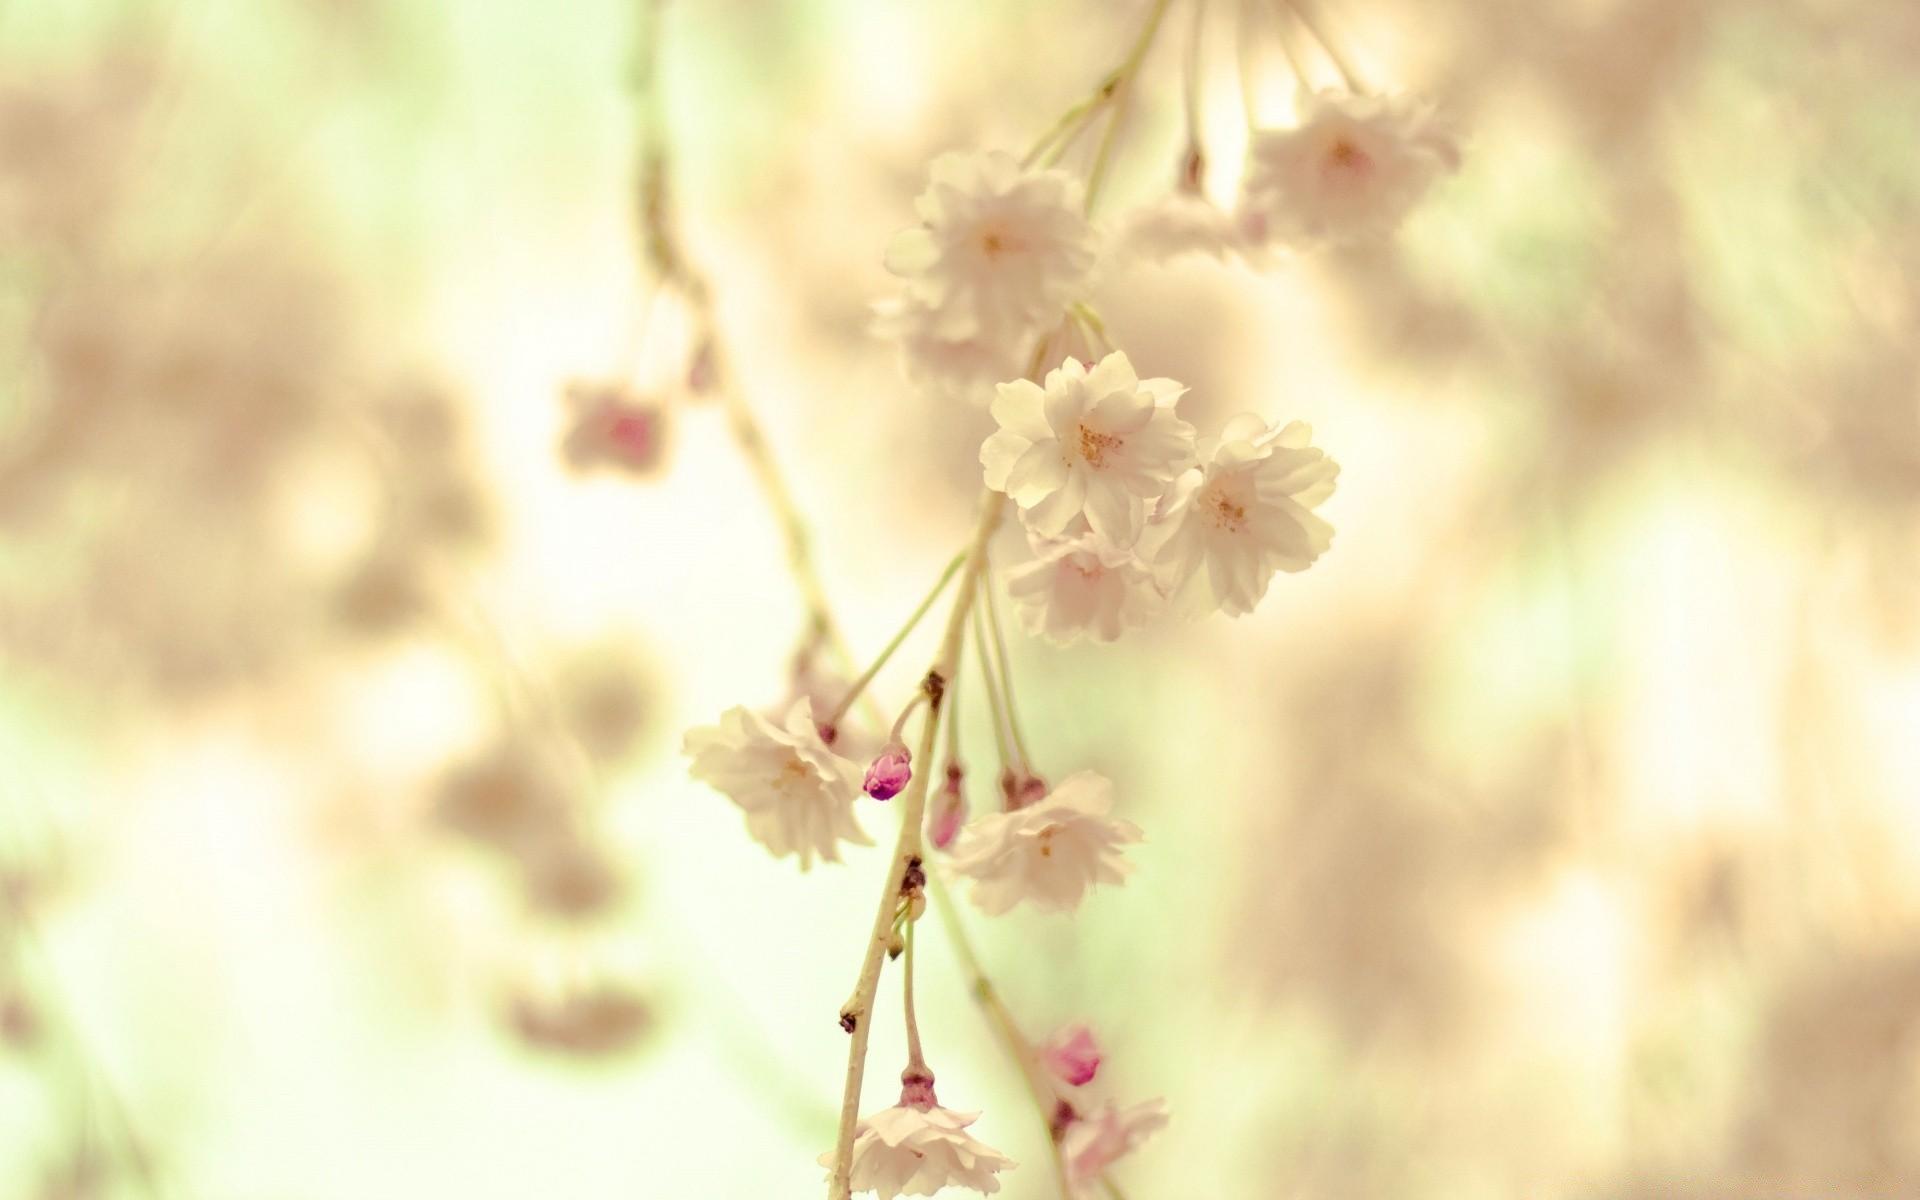 инциденте сообщает картинки весны со светлым фоном отчет том что